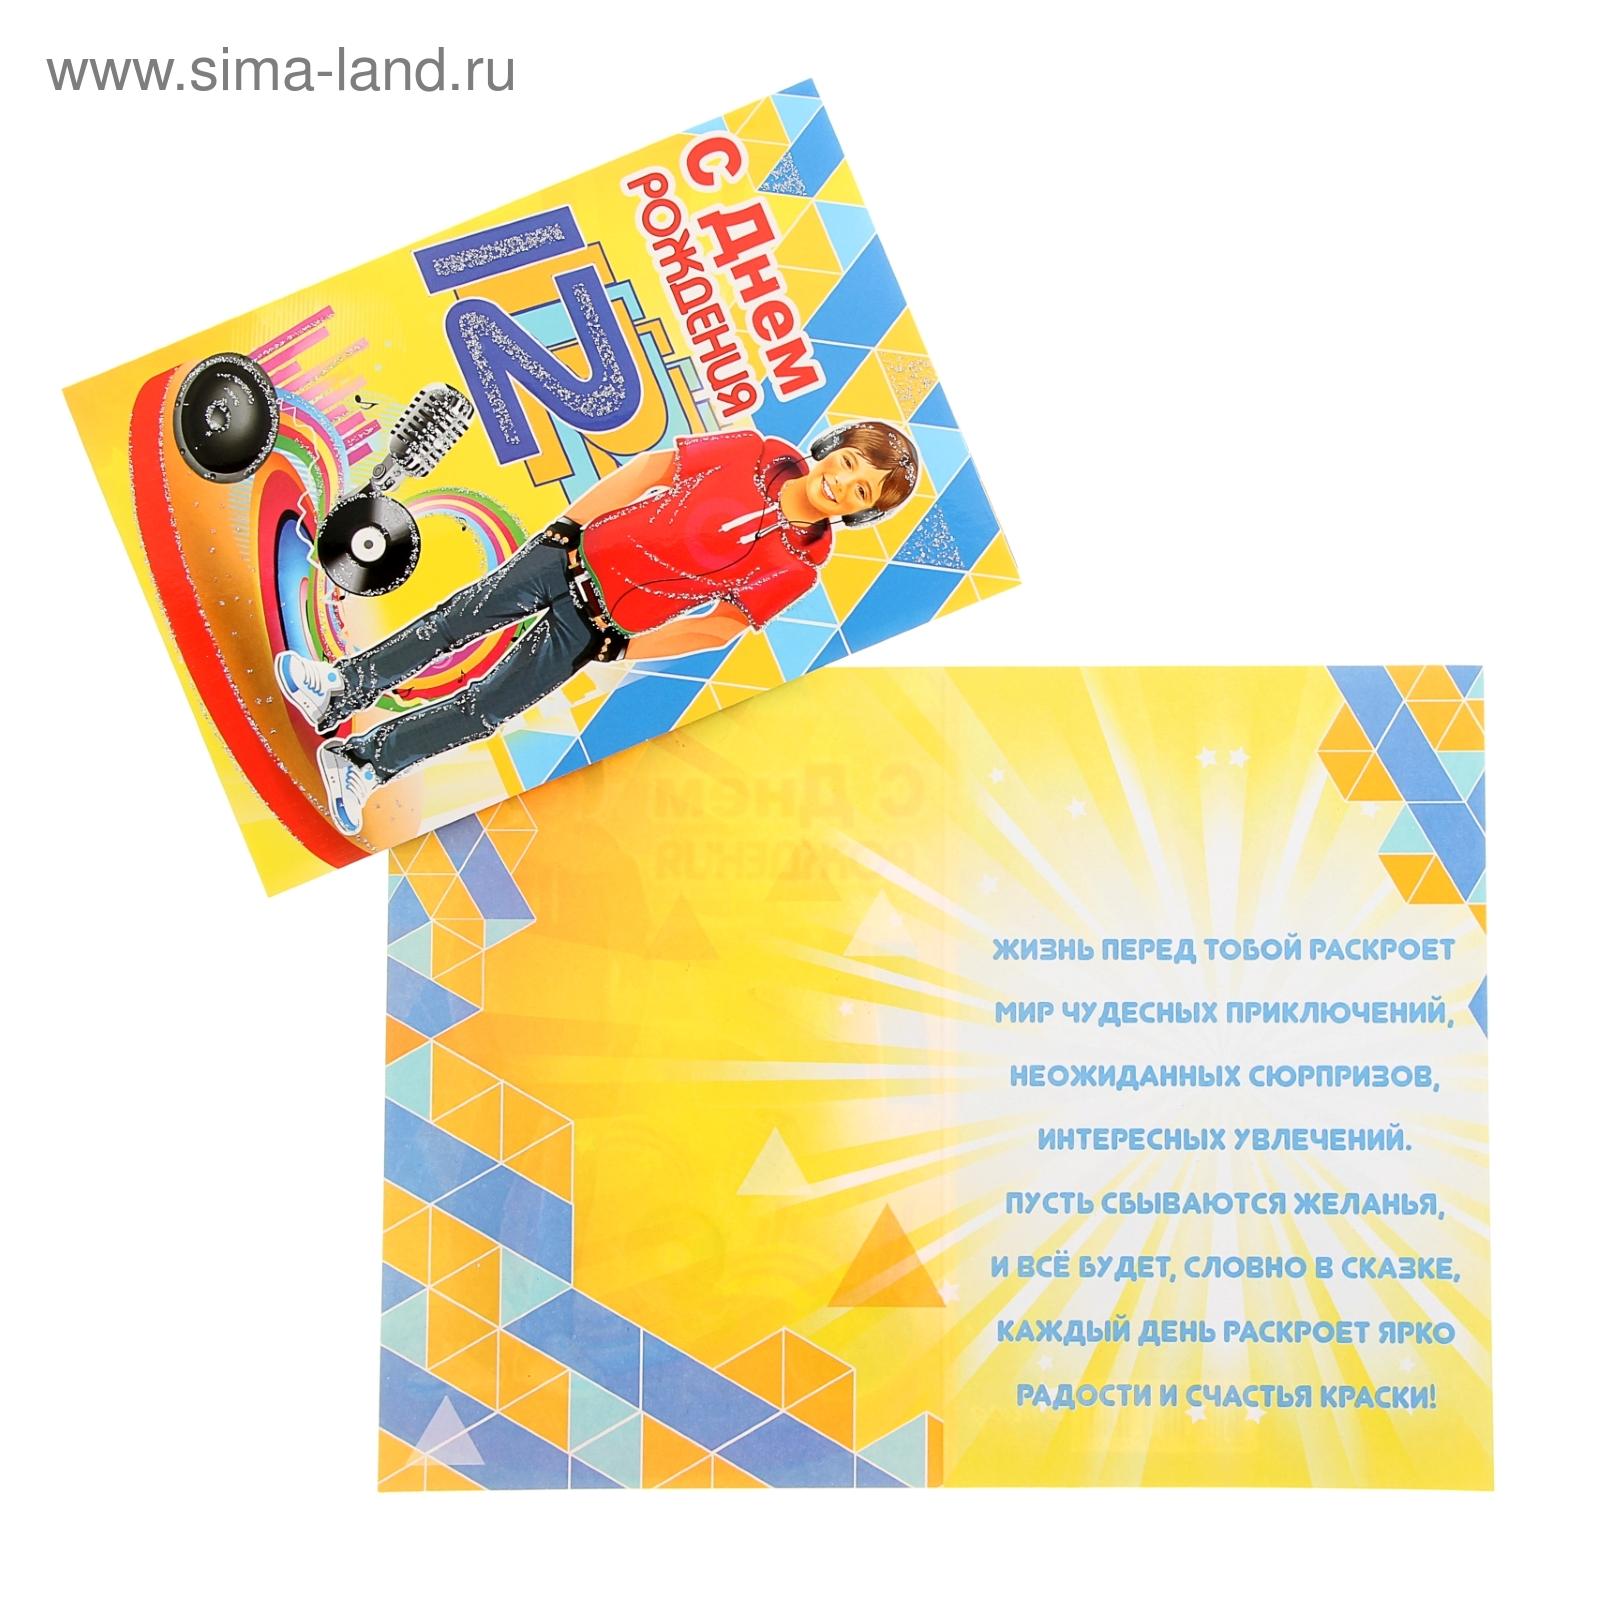 Открытки с днем рождения мальчику 12 лет в стихах красивые, православные открытки картинки